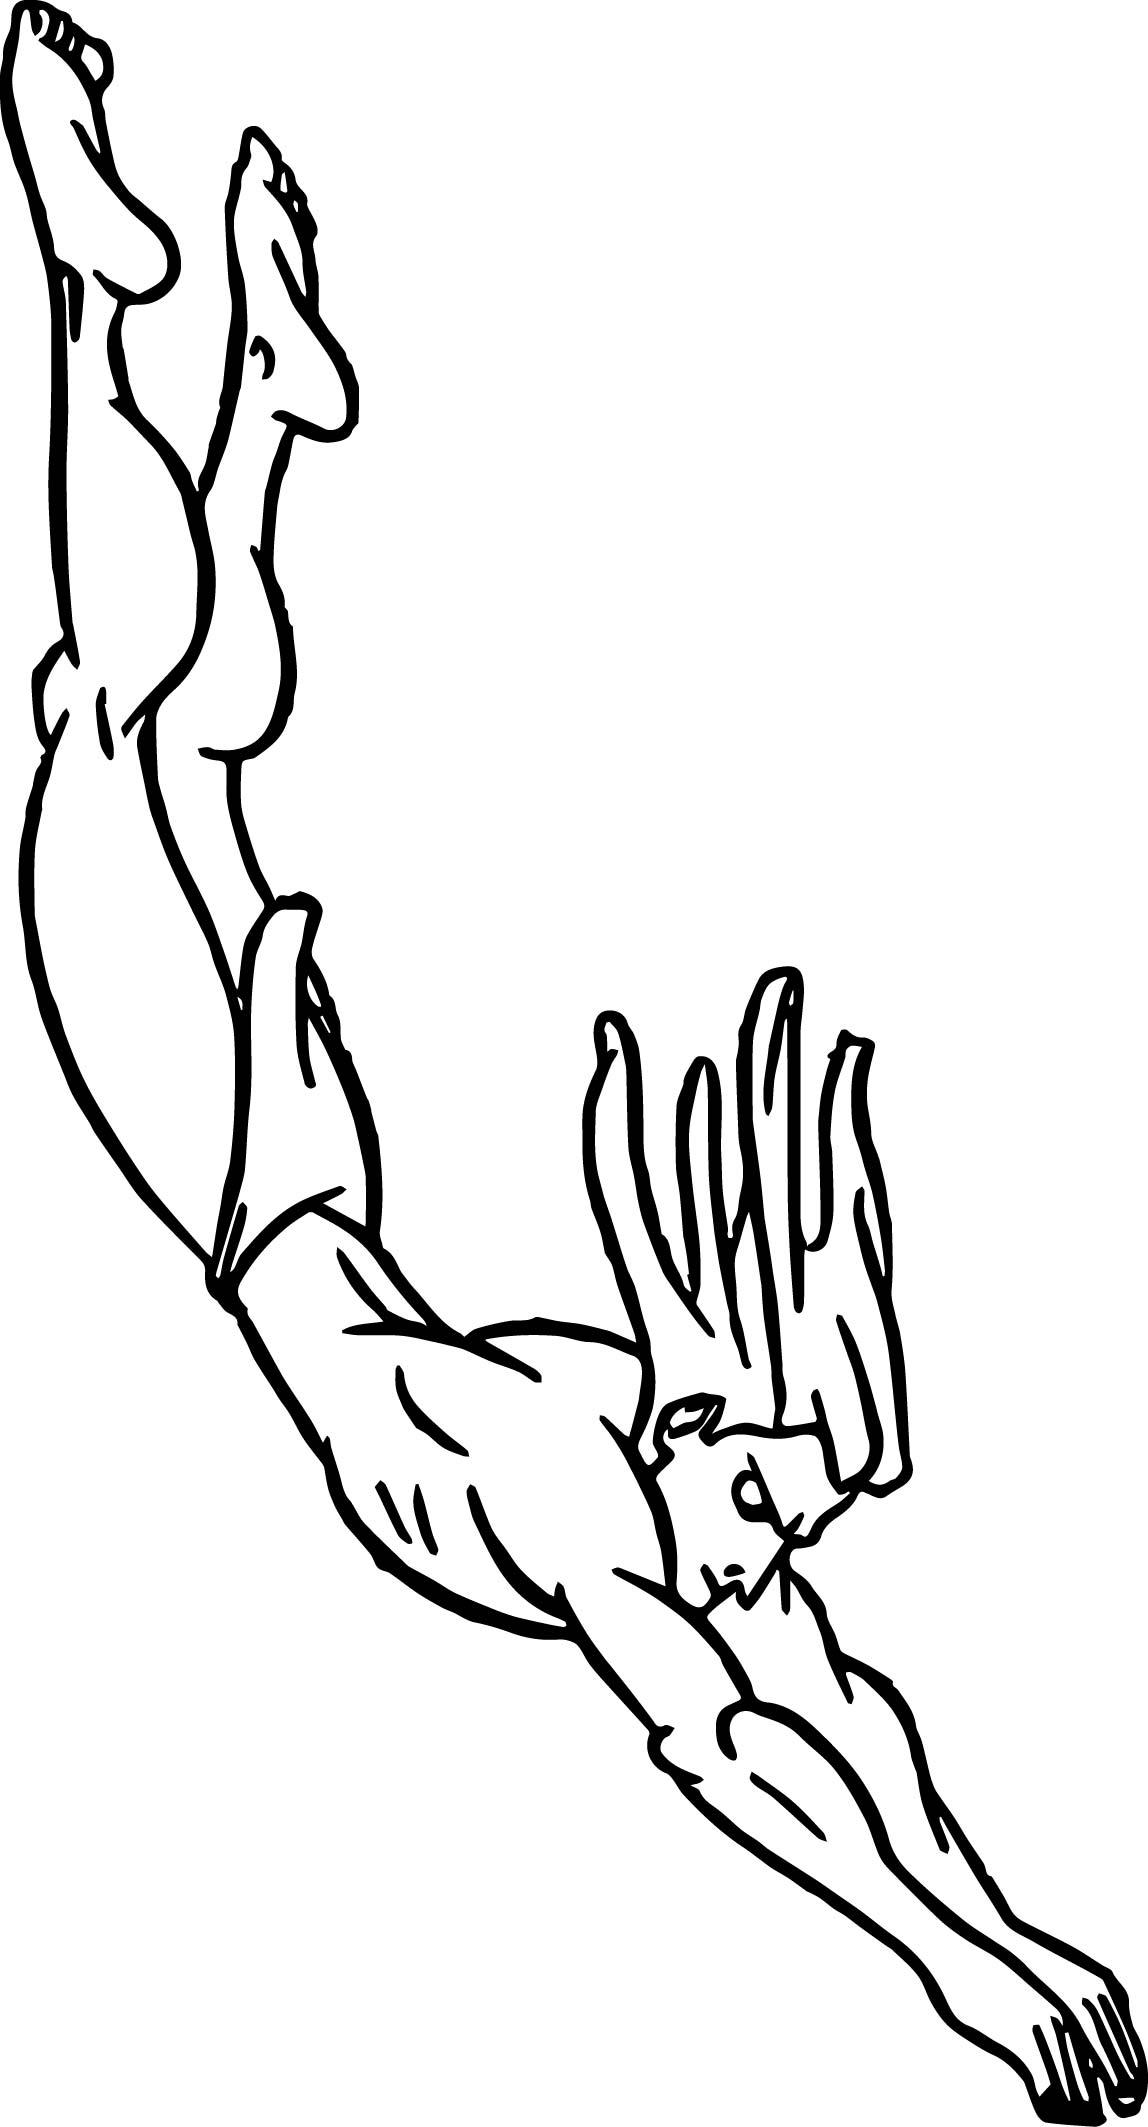 Tarzan Jumping Down Coloring Page